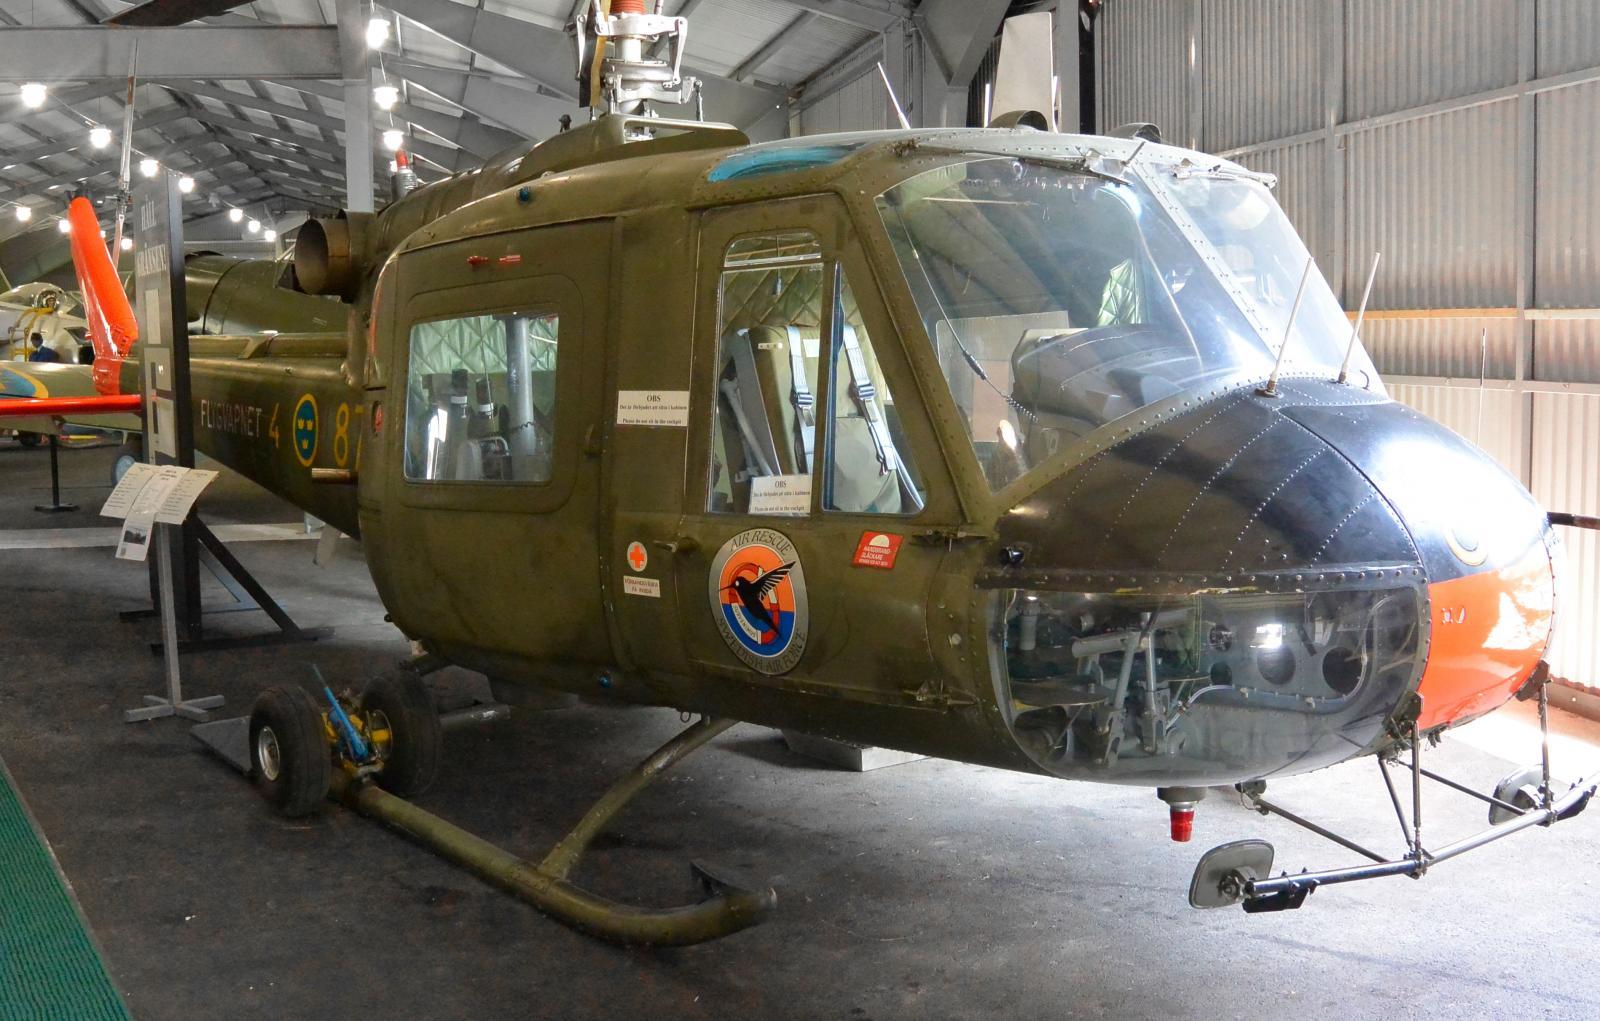 Ett antal helikoptrar finns också att beskåda.